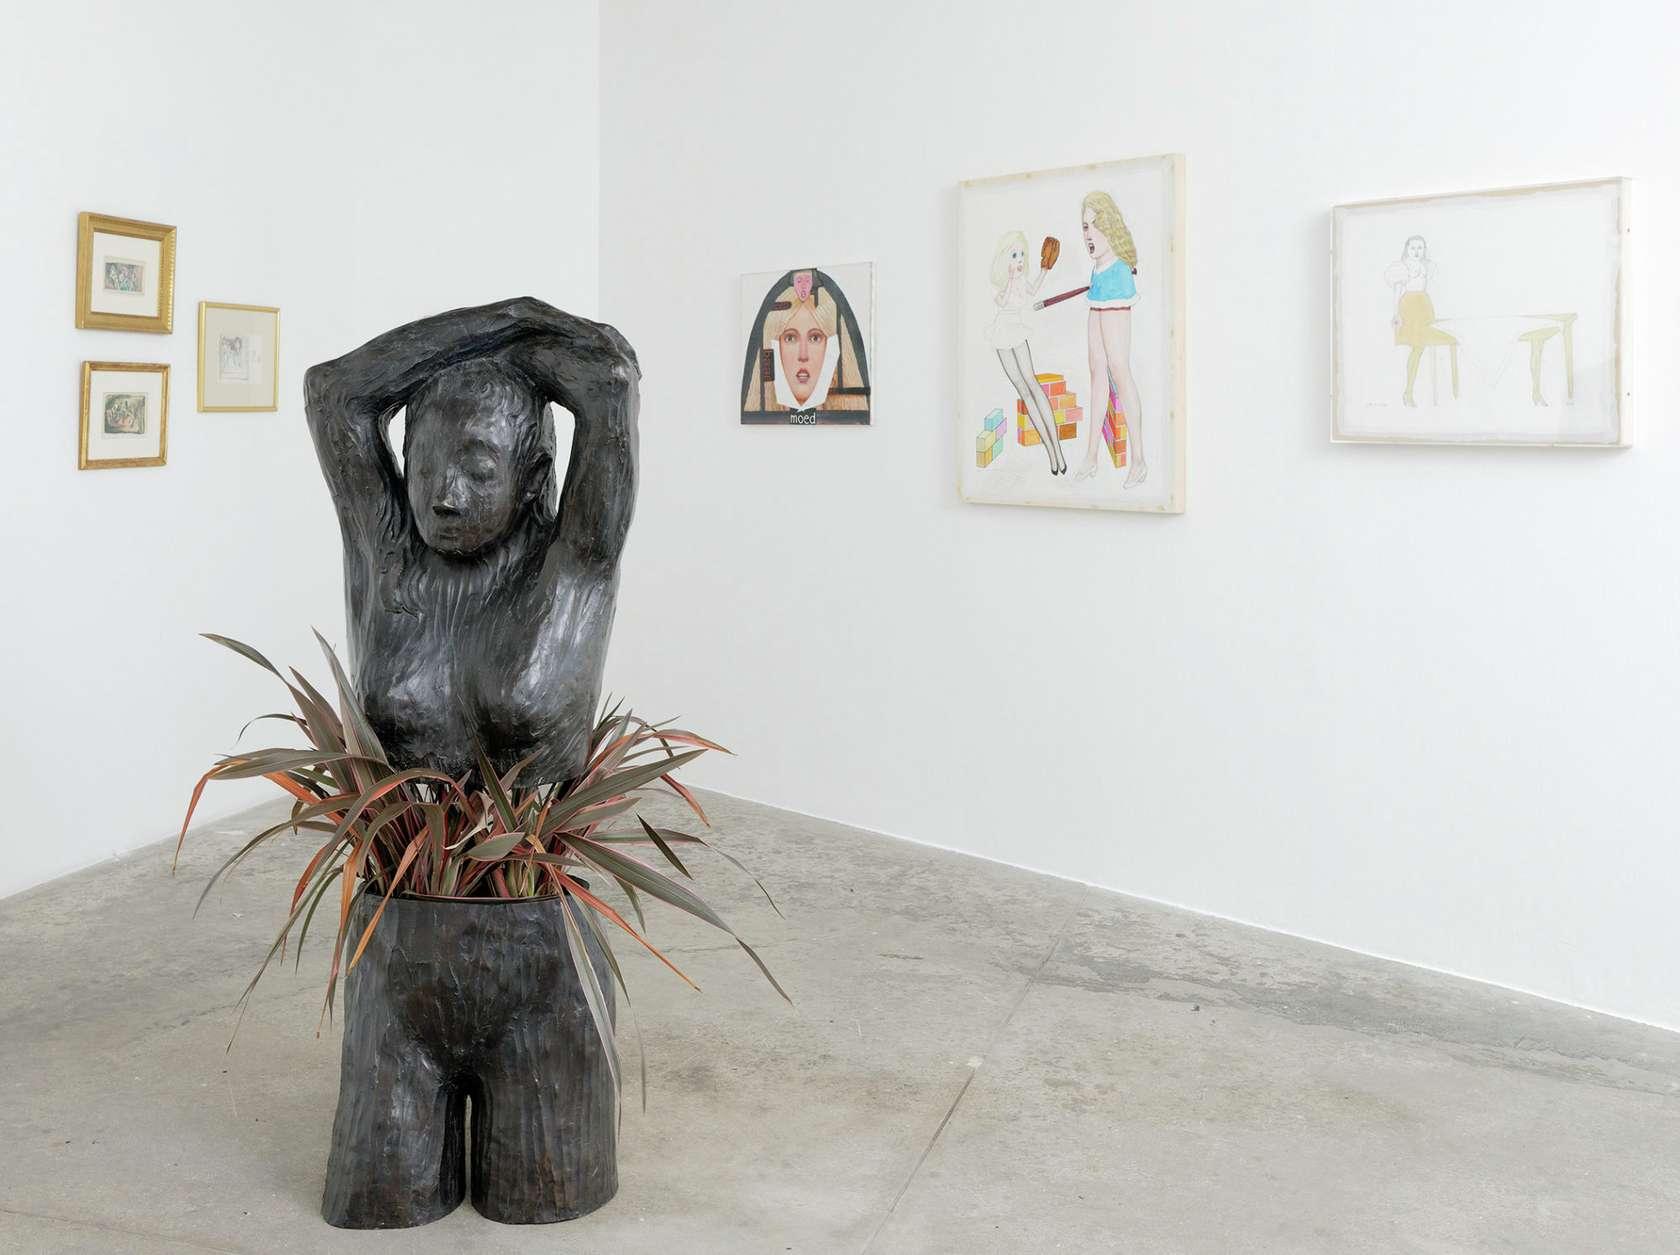 Françoise Pétrovitch La maman et la putain Galerie Georges Philippe & Nathalie Vallois 26 avril  — 27 mai 2018